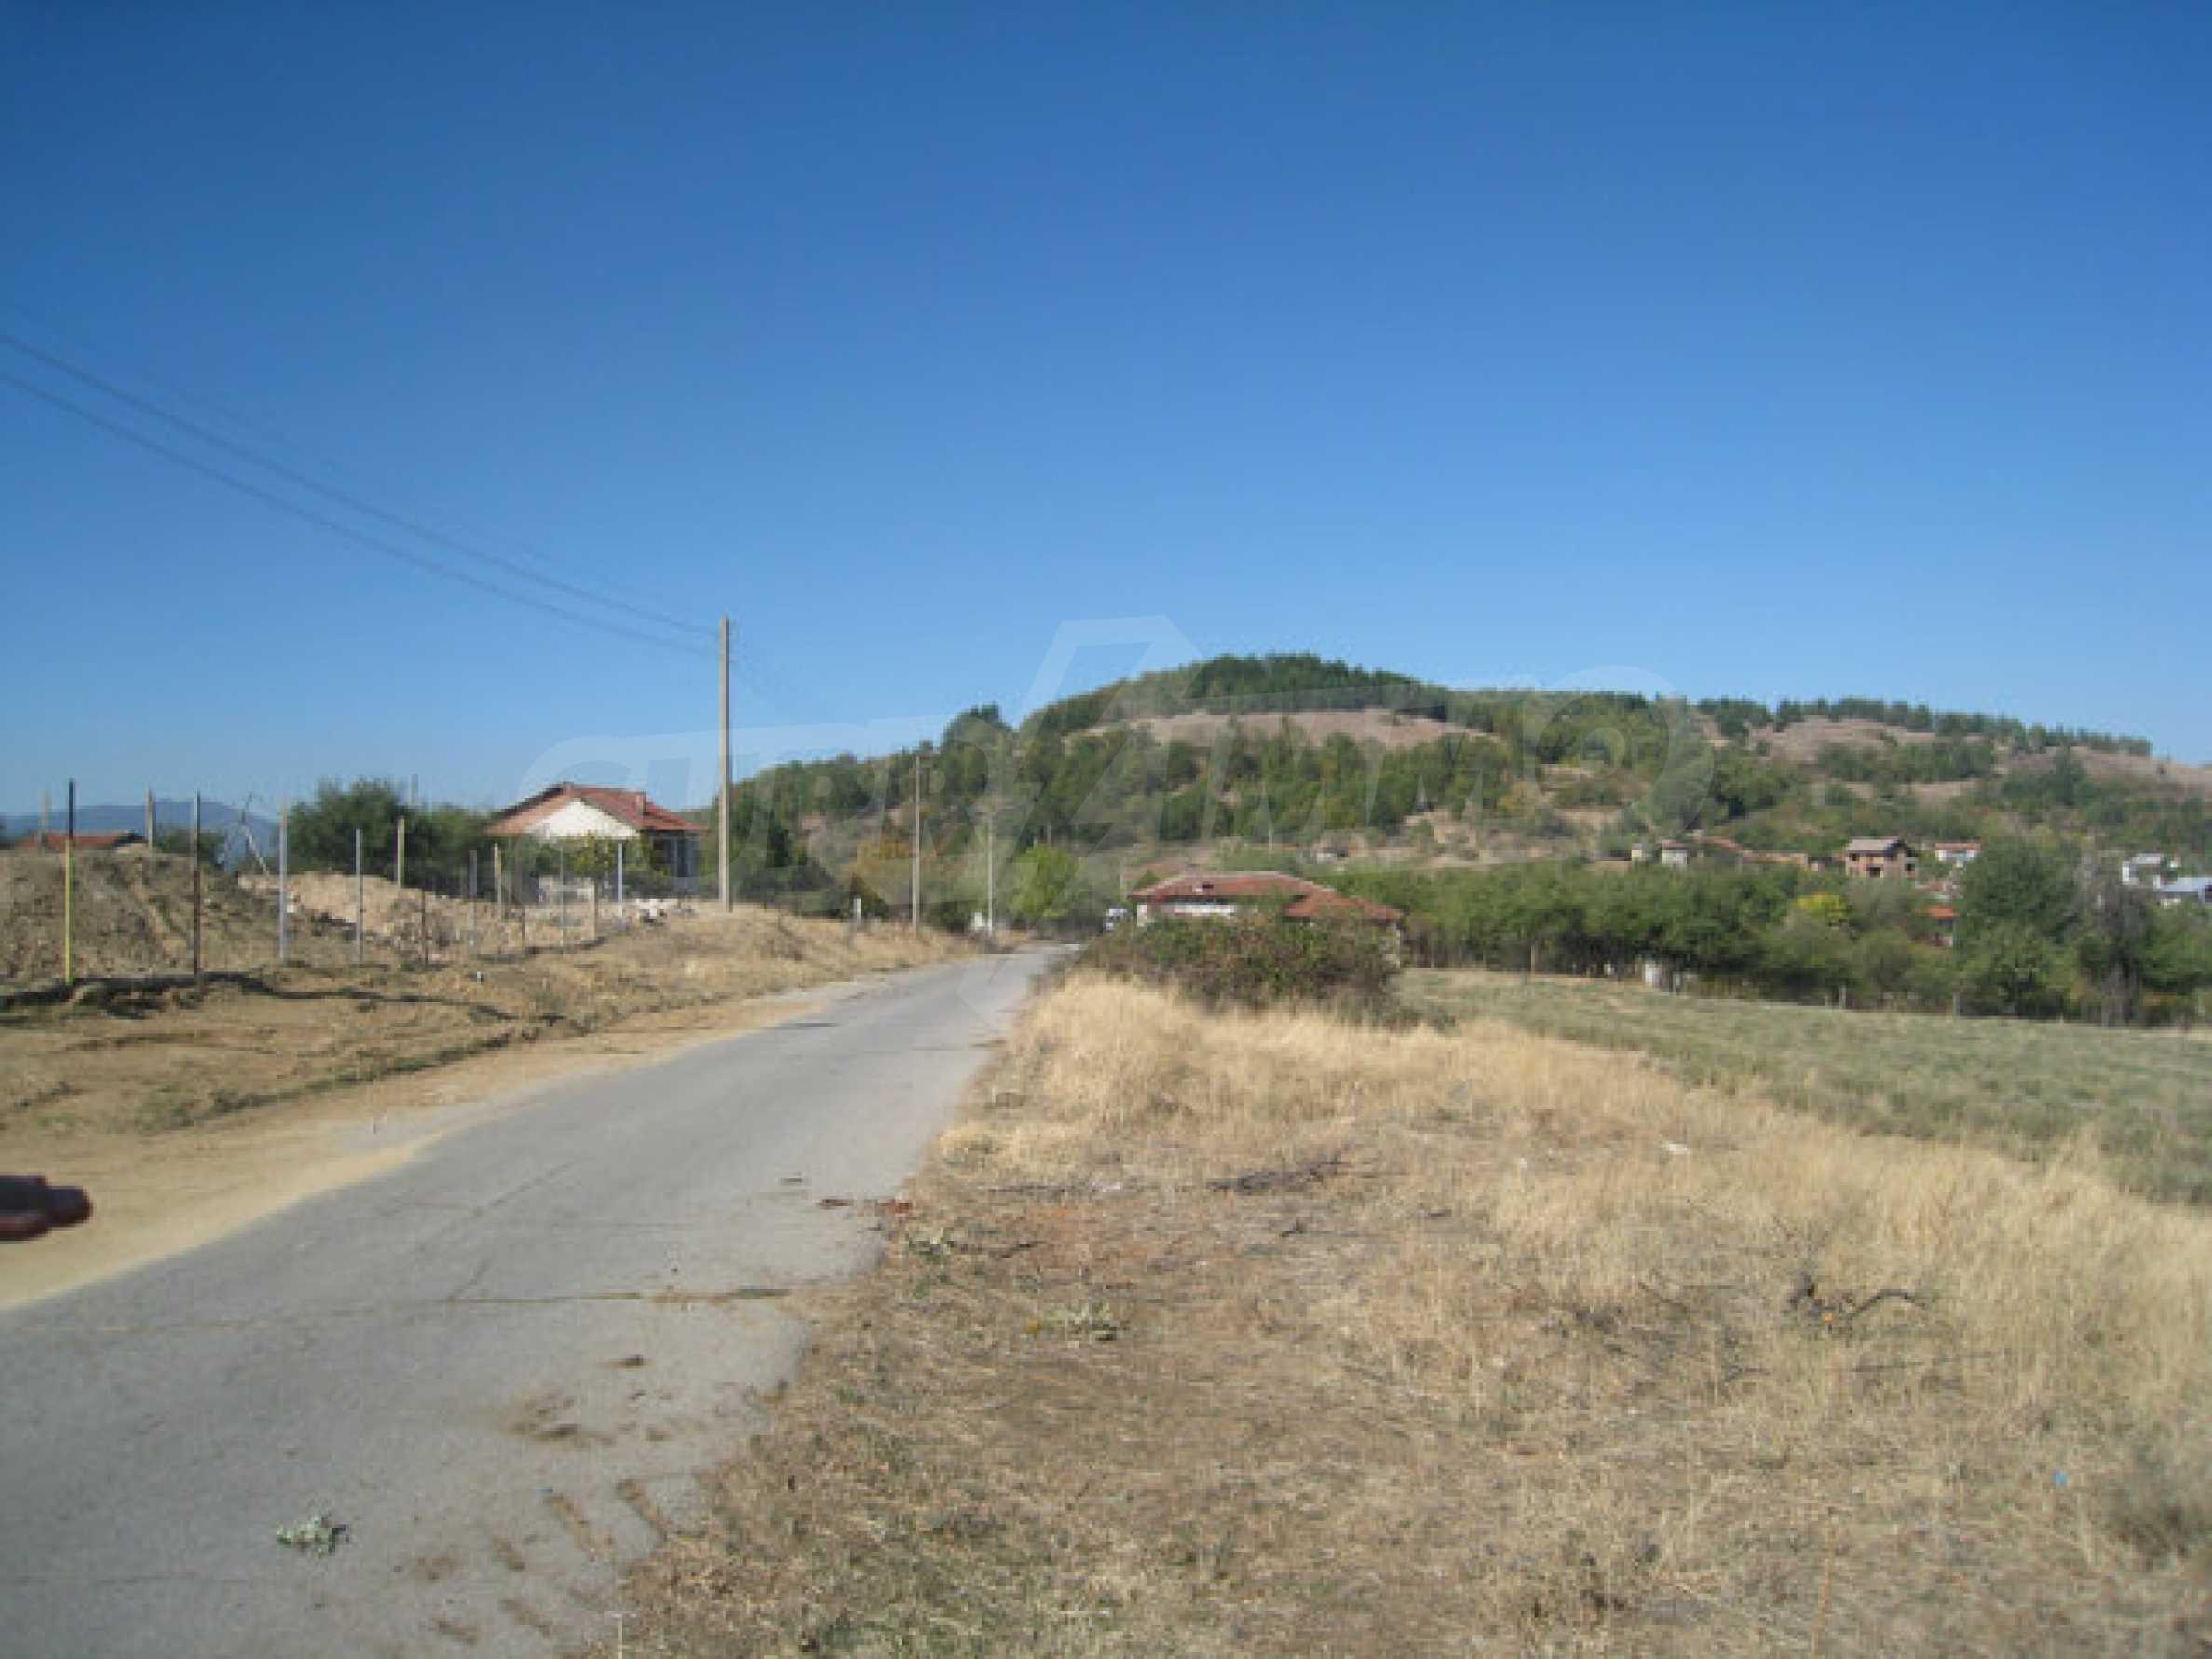 23 regulierte Nachbargrundstücke auf einer Asphaltstraße in der Gemeinde Ihtiman 2